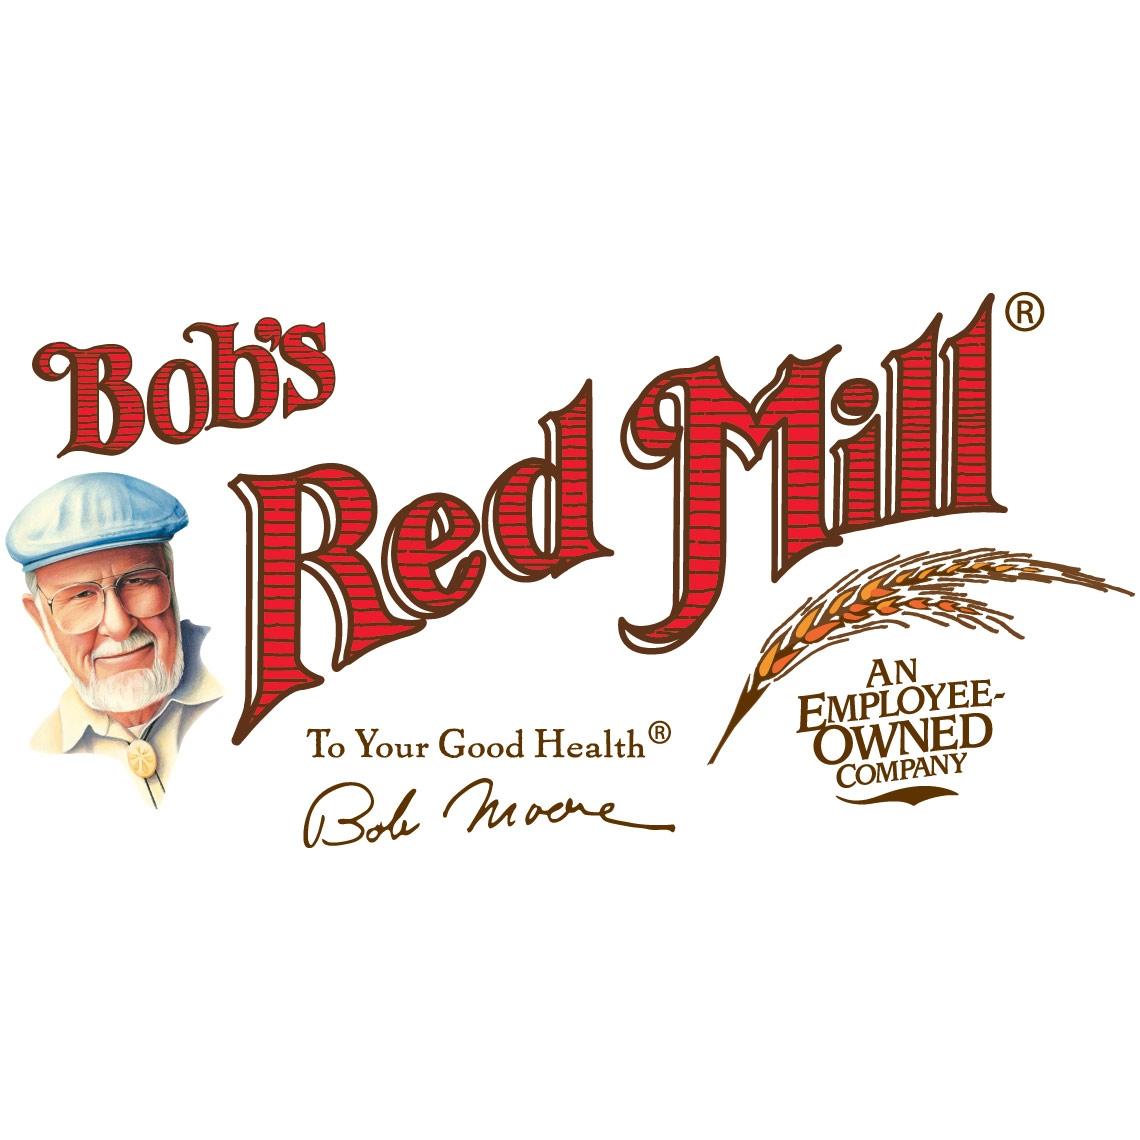 Unbleached White Fine Pastry Flour